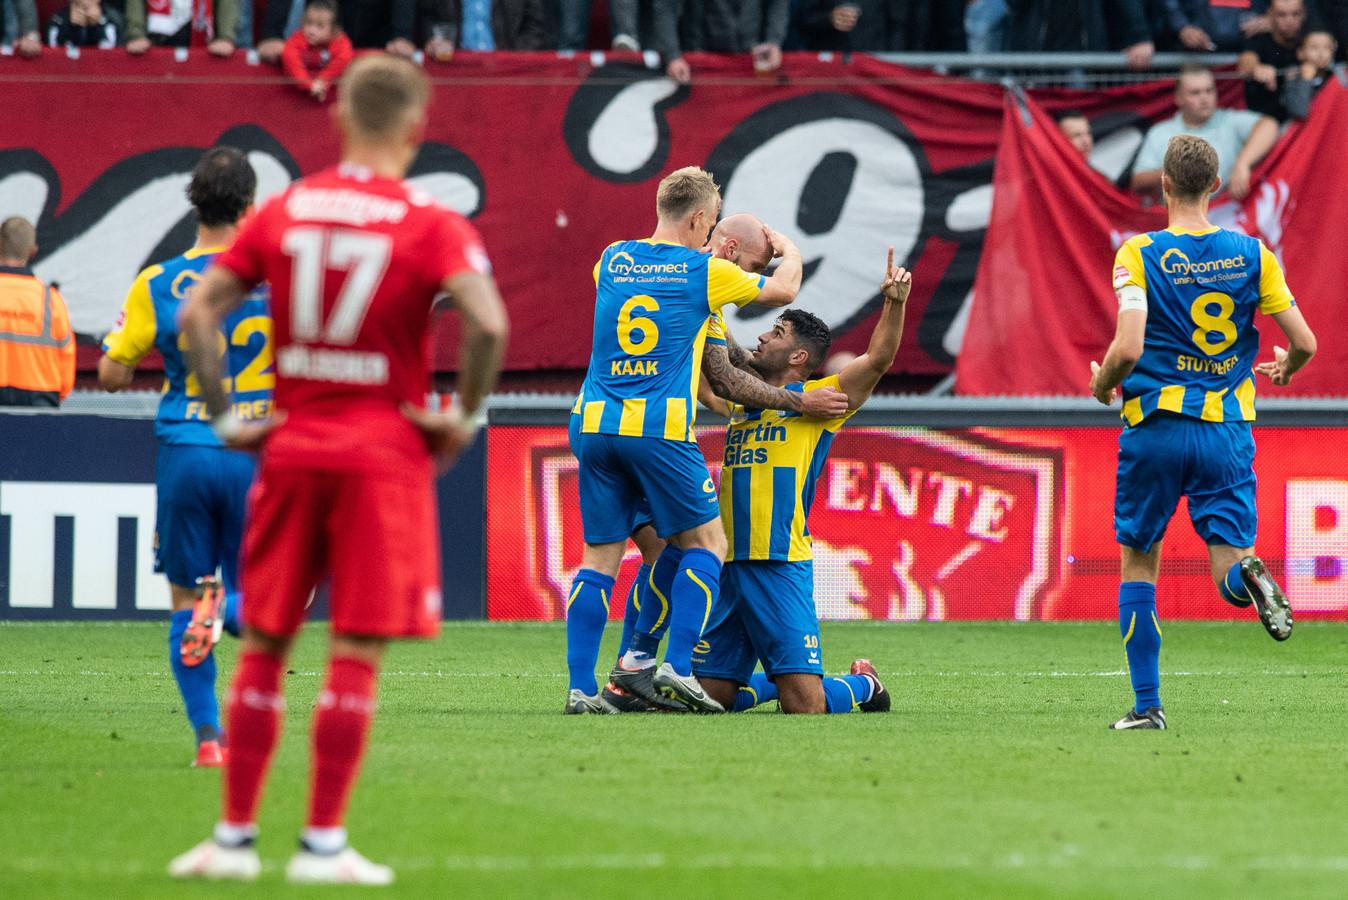 ENSCHEDE, De Grolsch Veste, 08-09-2018, Football, Dutch Keuken Kampioen Divisie, Season 2018 / 2019. FC Oss player Huseyin Dogan scores 0-2 during the match Twente - TOP Oss.